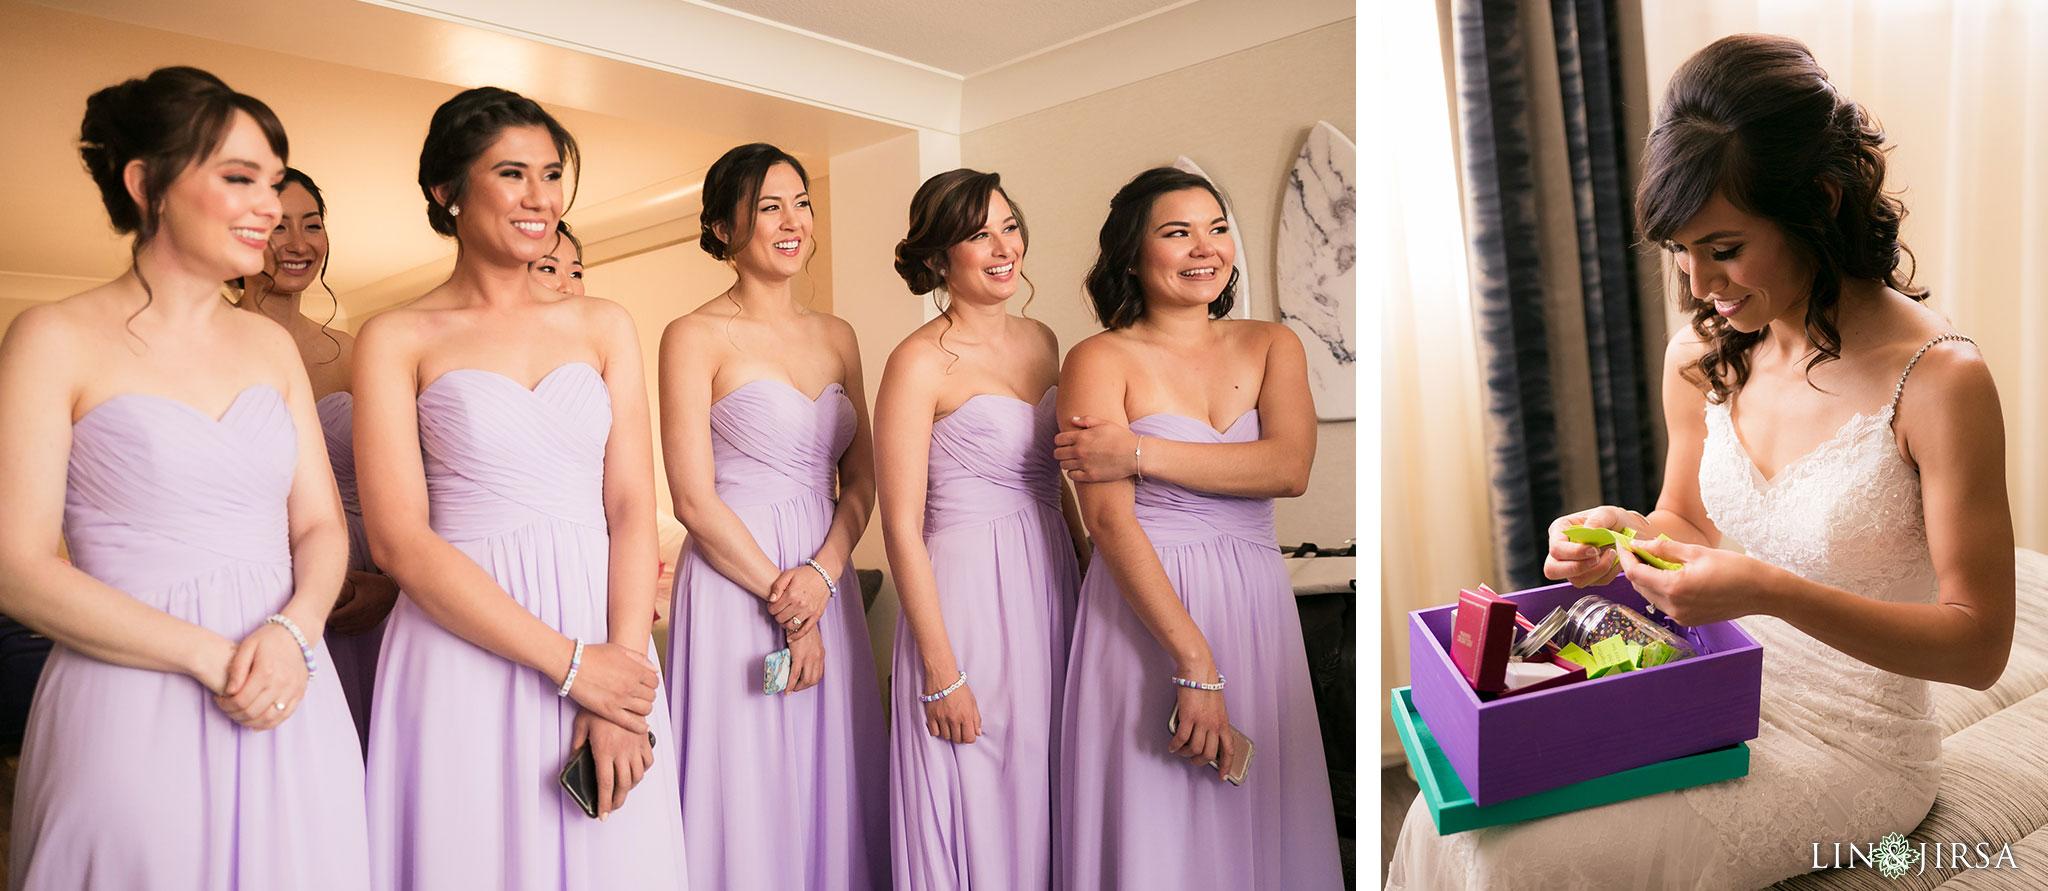 08 laguna cliffs marriott dana point bride wedding photography